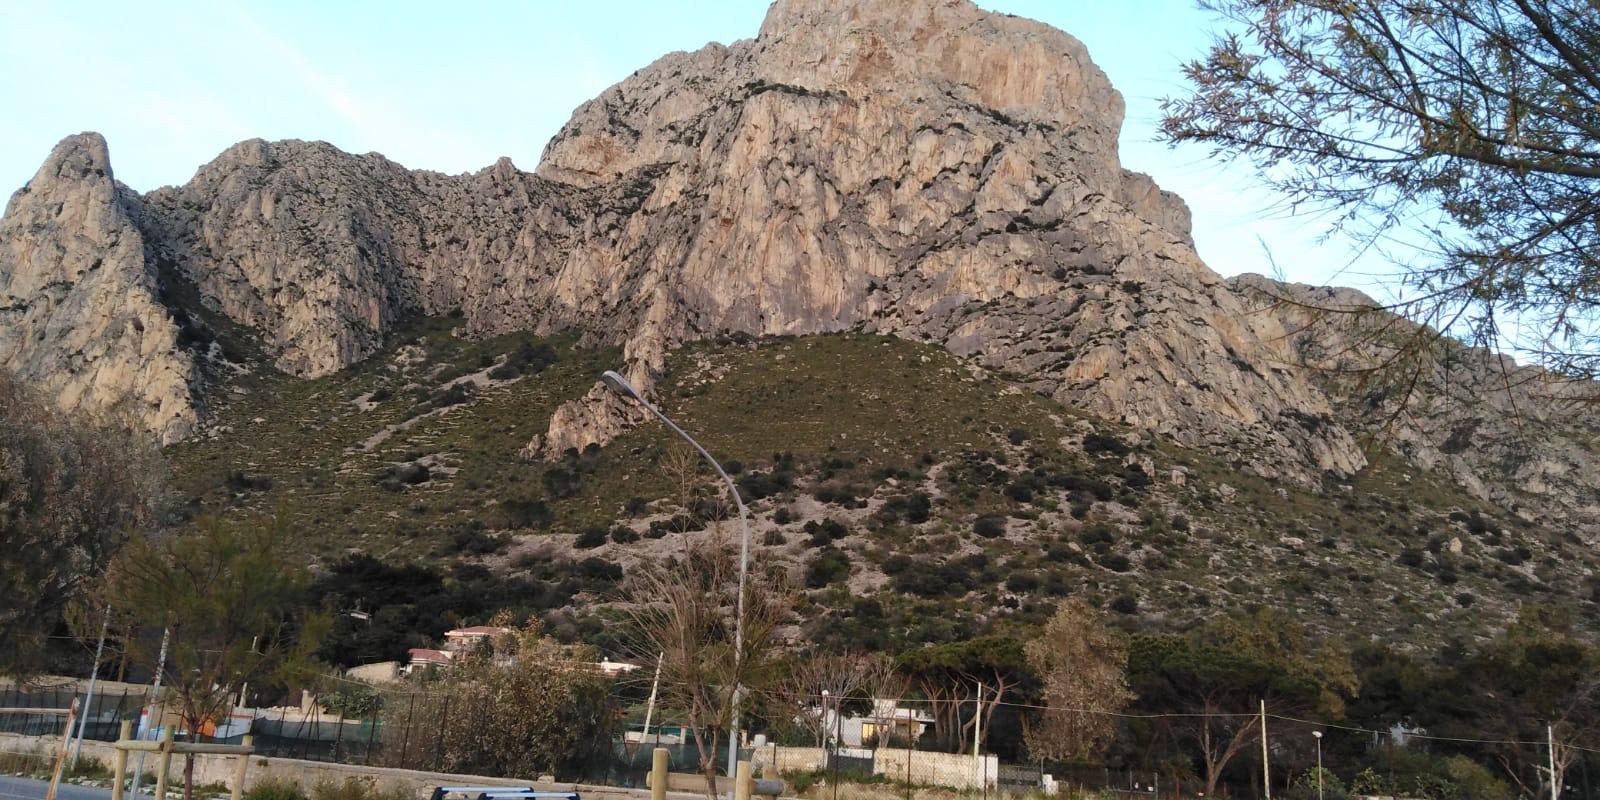 Messa in sicurezza del costone roccioso sul versante Schillaci/Barcarello - Monte Gallo.